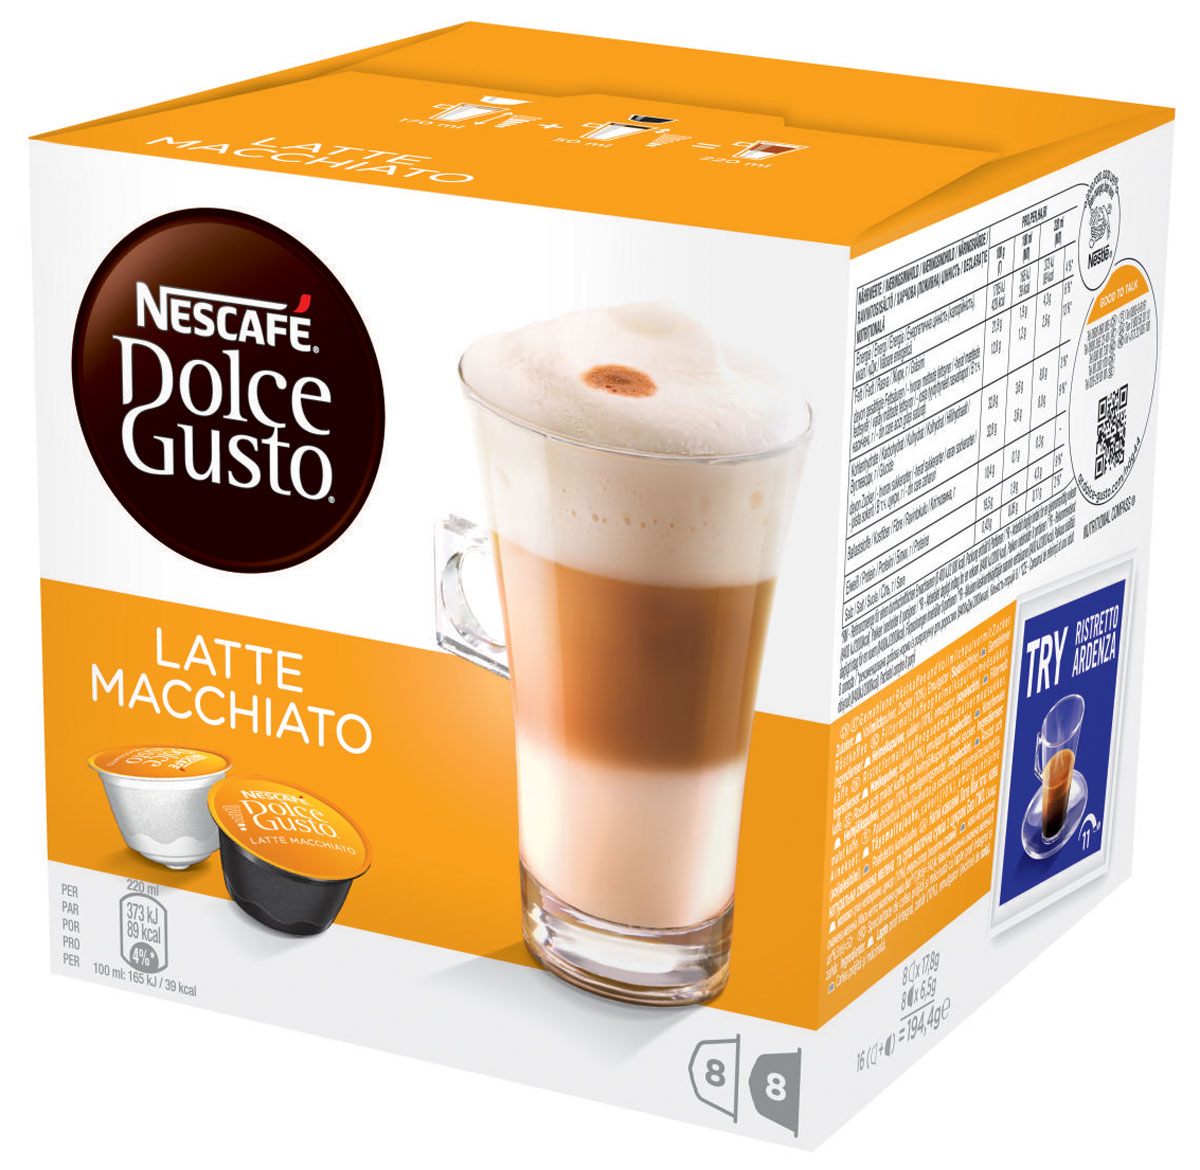 Nescafe Dolce Gusto Latte Macchiato кофе в капсулах, 16 шт5219838Nescafe Dolce Gusto Latte Macchiato – перевернутый вверх дном латте с небольшой изюминкой. Великолепный, мягкий, со сладковатыми оттенками, капсульный Latte Macchiato превращается в удивительный напиток, который будет восхищать вас каждый раз.Молоко цвета бисквита в качестве нижнего слоя, переходящее в более темный слой кофе, создаст атмосферу настоящего праздника. Latte Macchiato с итальянского переводится как подкрашенное молоко. Эспрессо наливается поверх молока, создавая своеобразный слоистый узор, который ни с чем не спутаешь, и затем переходит в изысканную молочную пену. Latte Macchiato украшается элегантной темной кофейной точкой в качестве легко узнаваемой подписи. Вам не нужно далеко ходить, чтобы выпить такой красивый и вкусный кофе, потому что ваша кофемашина Nescafe Dolce Gusto способна создать напиток на уровне кофейни прямо у вас на кухне. Latte Macchiato поможет вам насладиться минутами для себя или же вызовет восхищение в компании друзей.В состав набора входят:8 кофейных капсул (кофе натуральный жареный молотый)8 молочных капсул (сухое цельное молоко, сахар, эмульгатор (соевый лецитин))